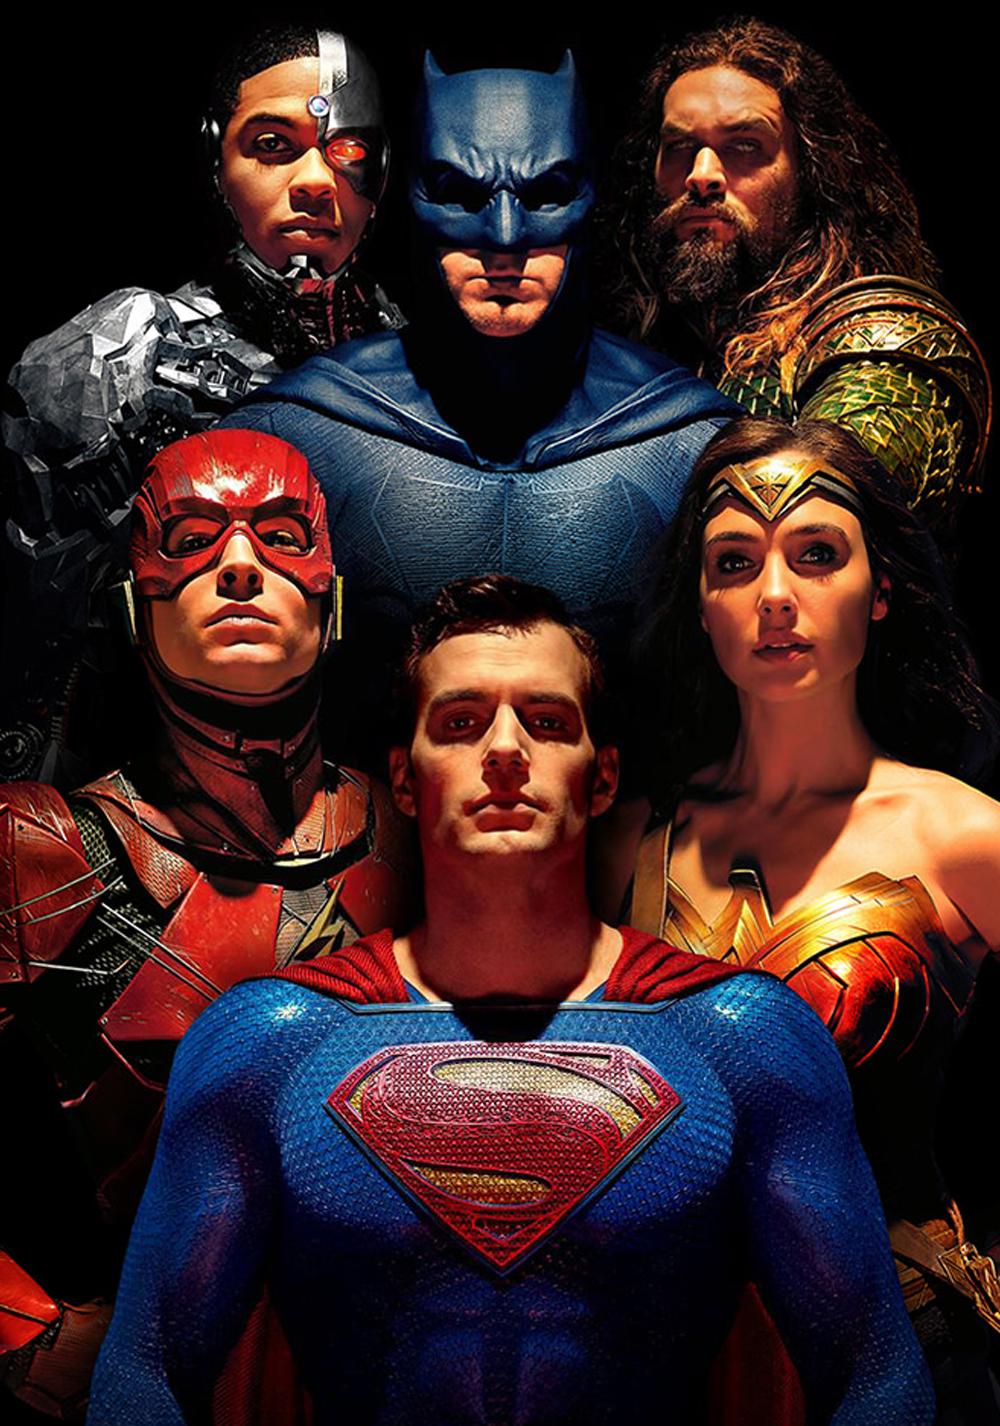 Superman (Henry Cavill) en Justice League (2017). Imagen: fanart.tv